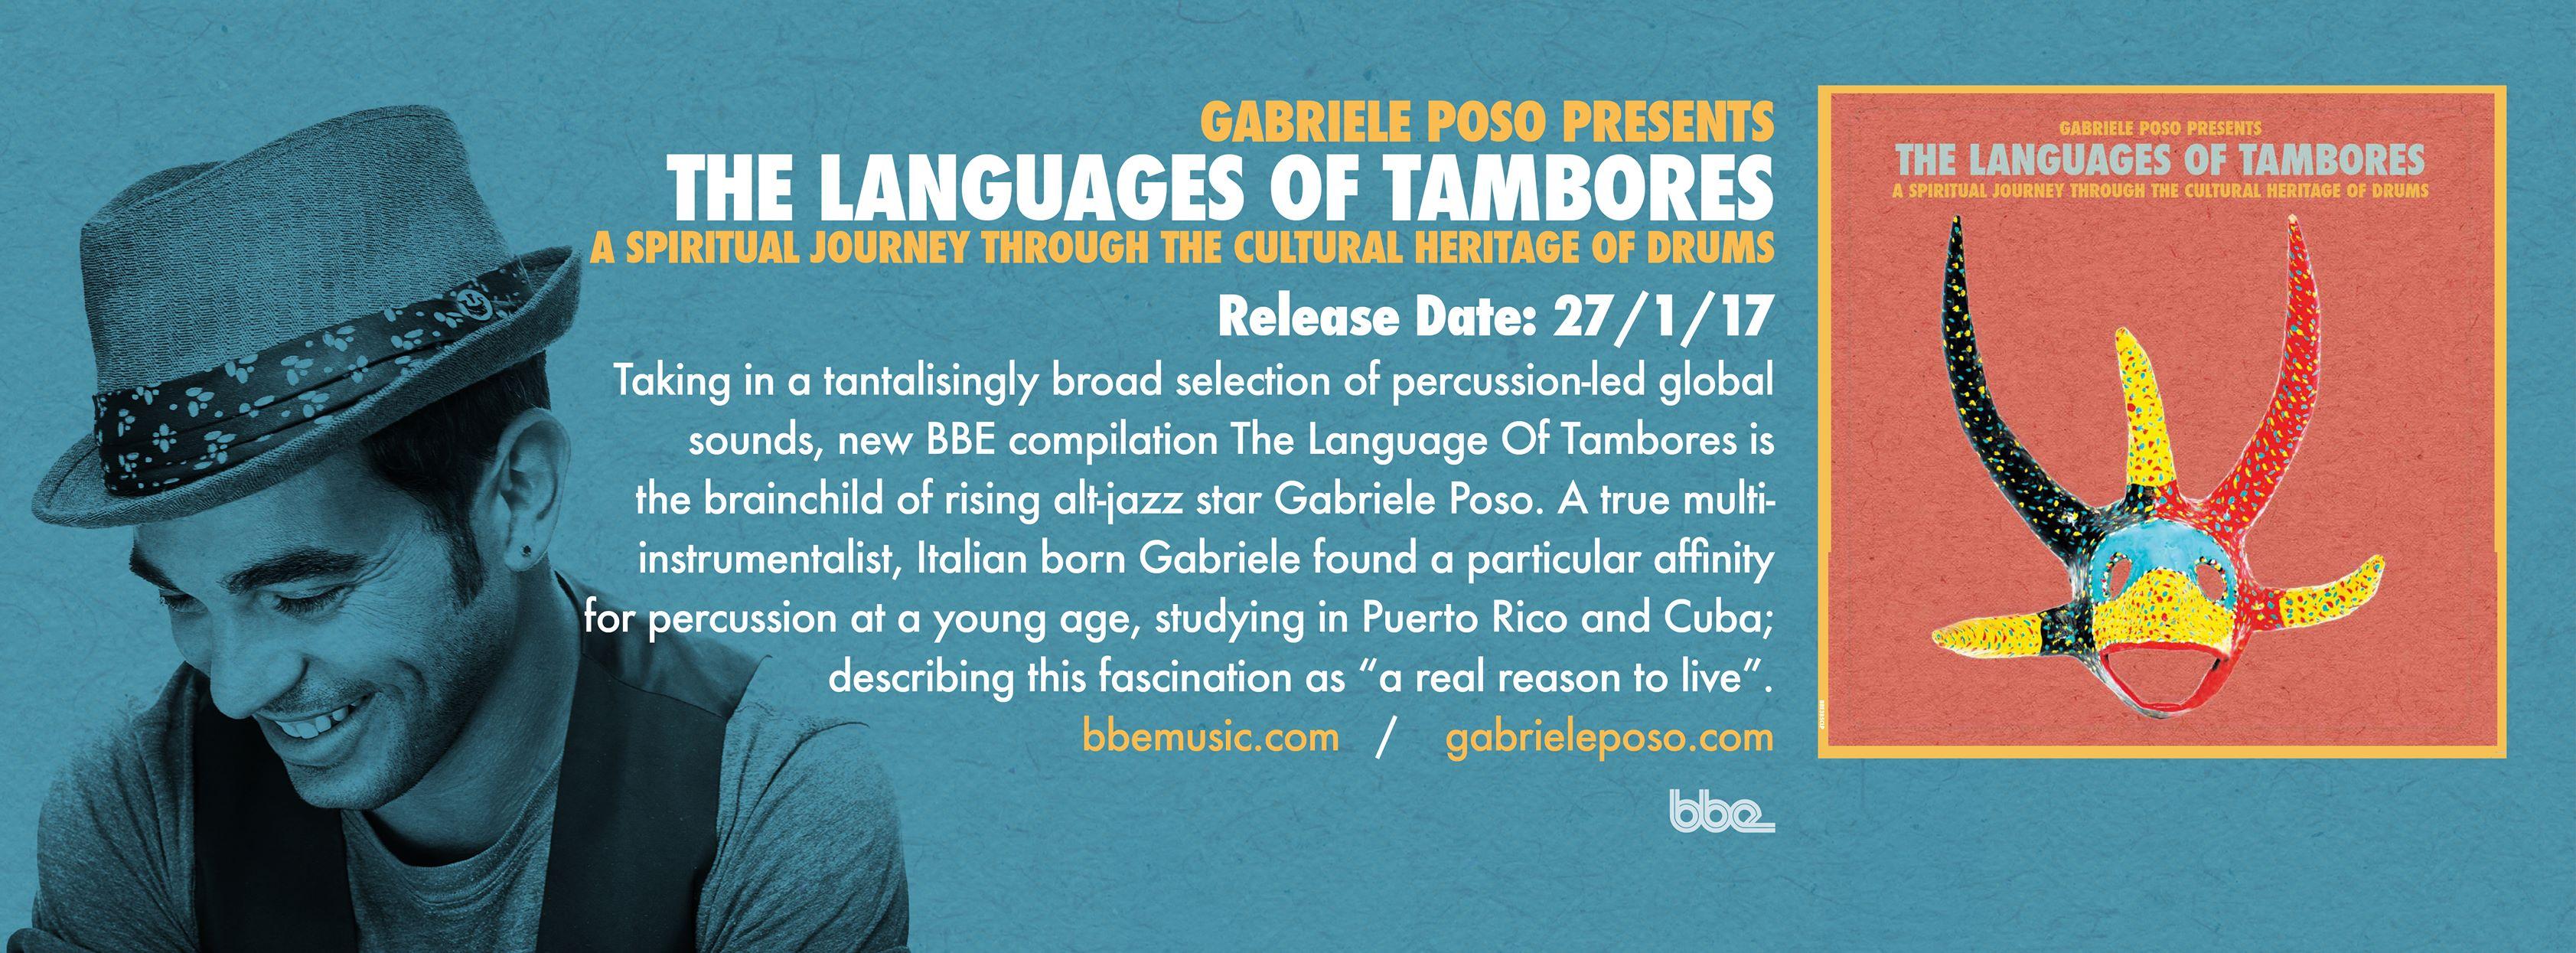 Gabriele Poso presents The Languages of Tambores (Video + full Album stream)